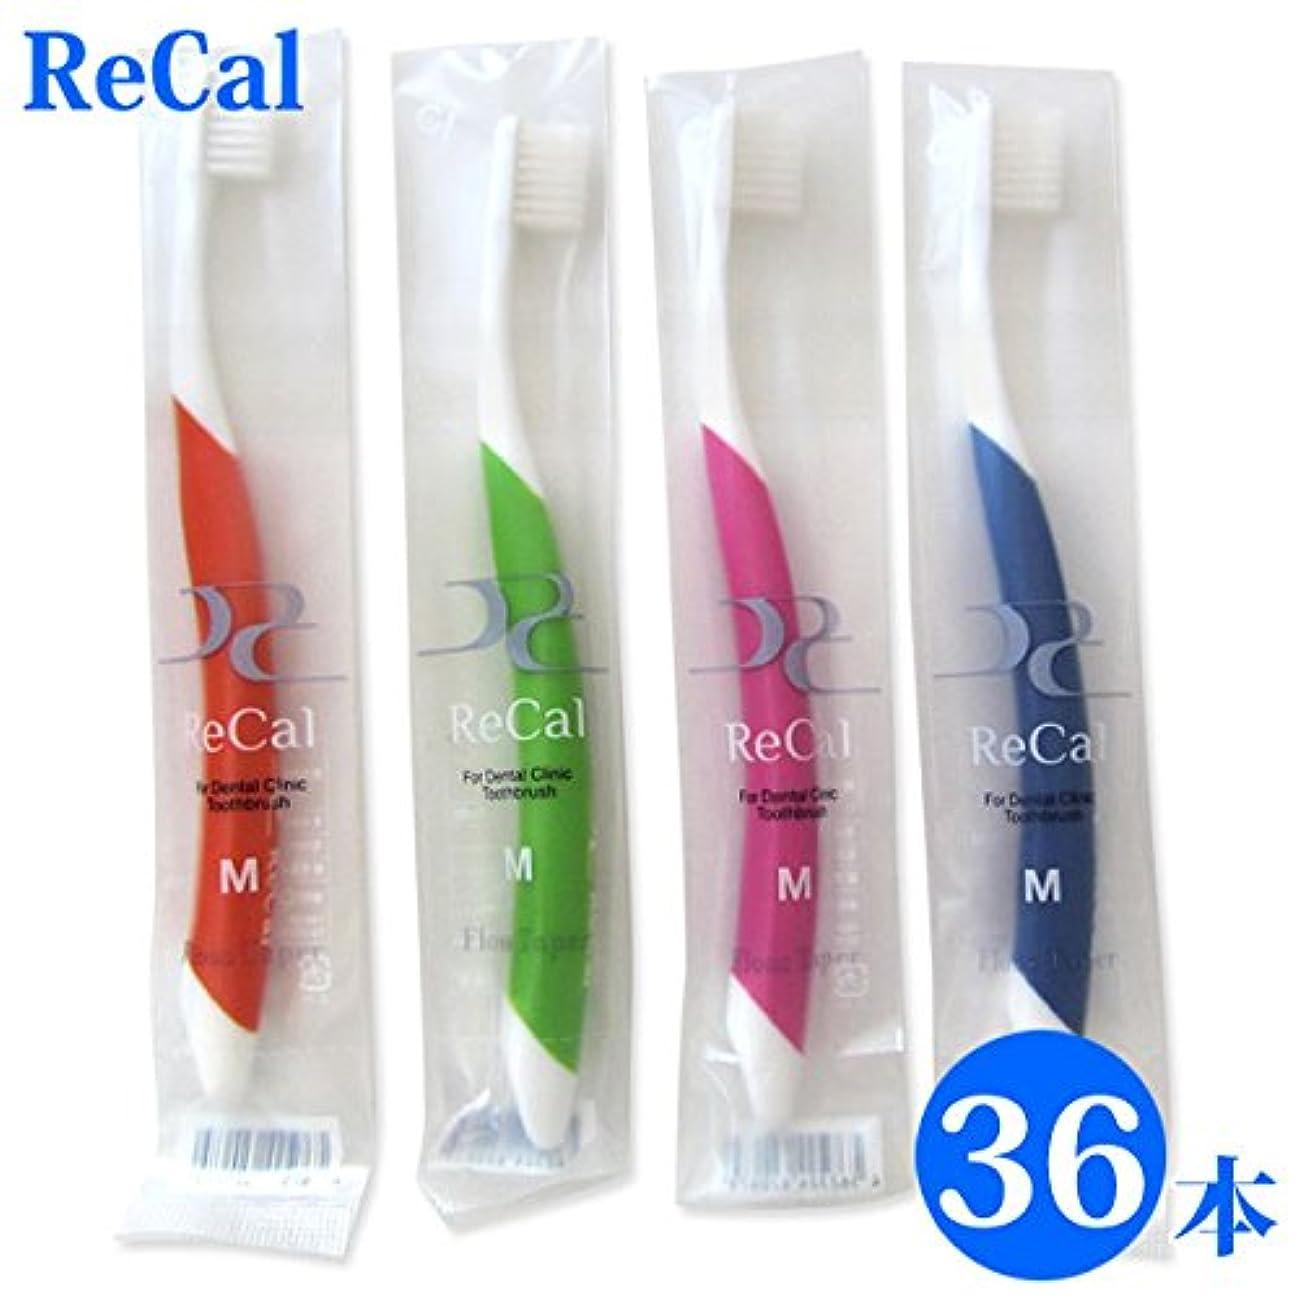 ランク国民リフト36本入り 歯科医院専用商品 ReCal リカル M 大人用 一般 歯ブラシ4色アソート